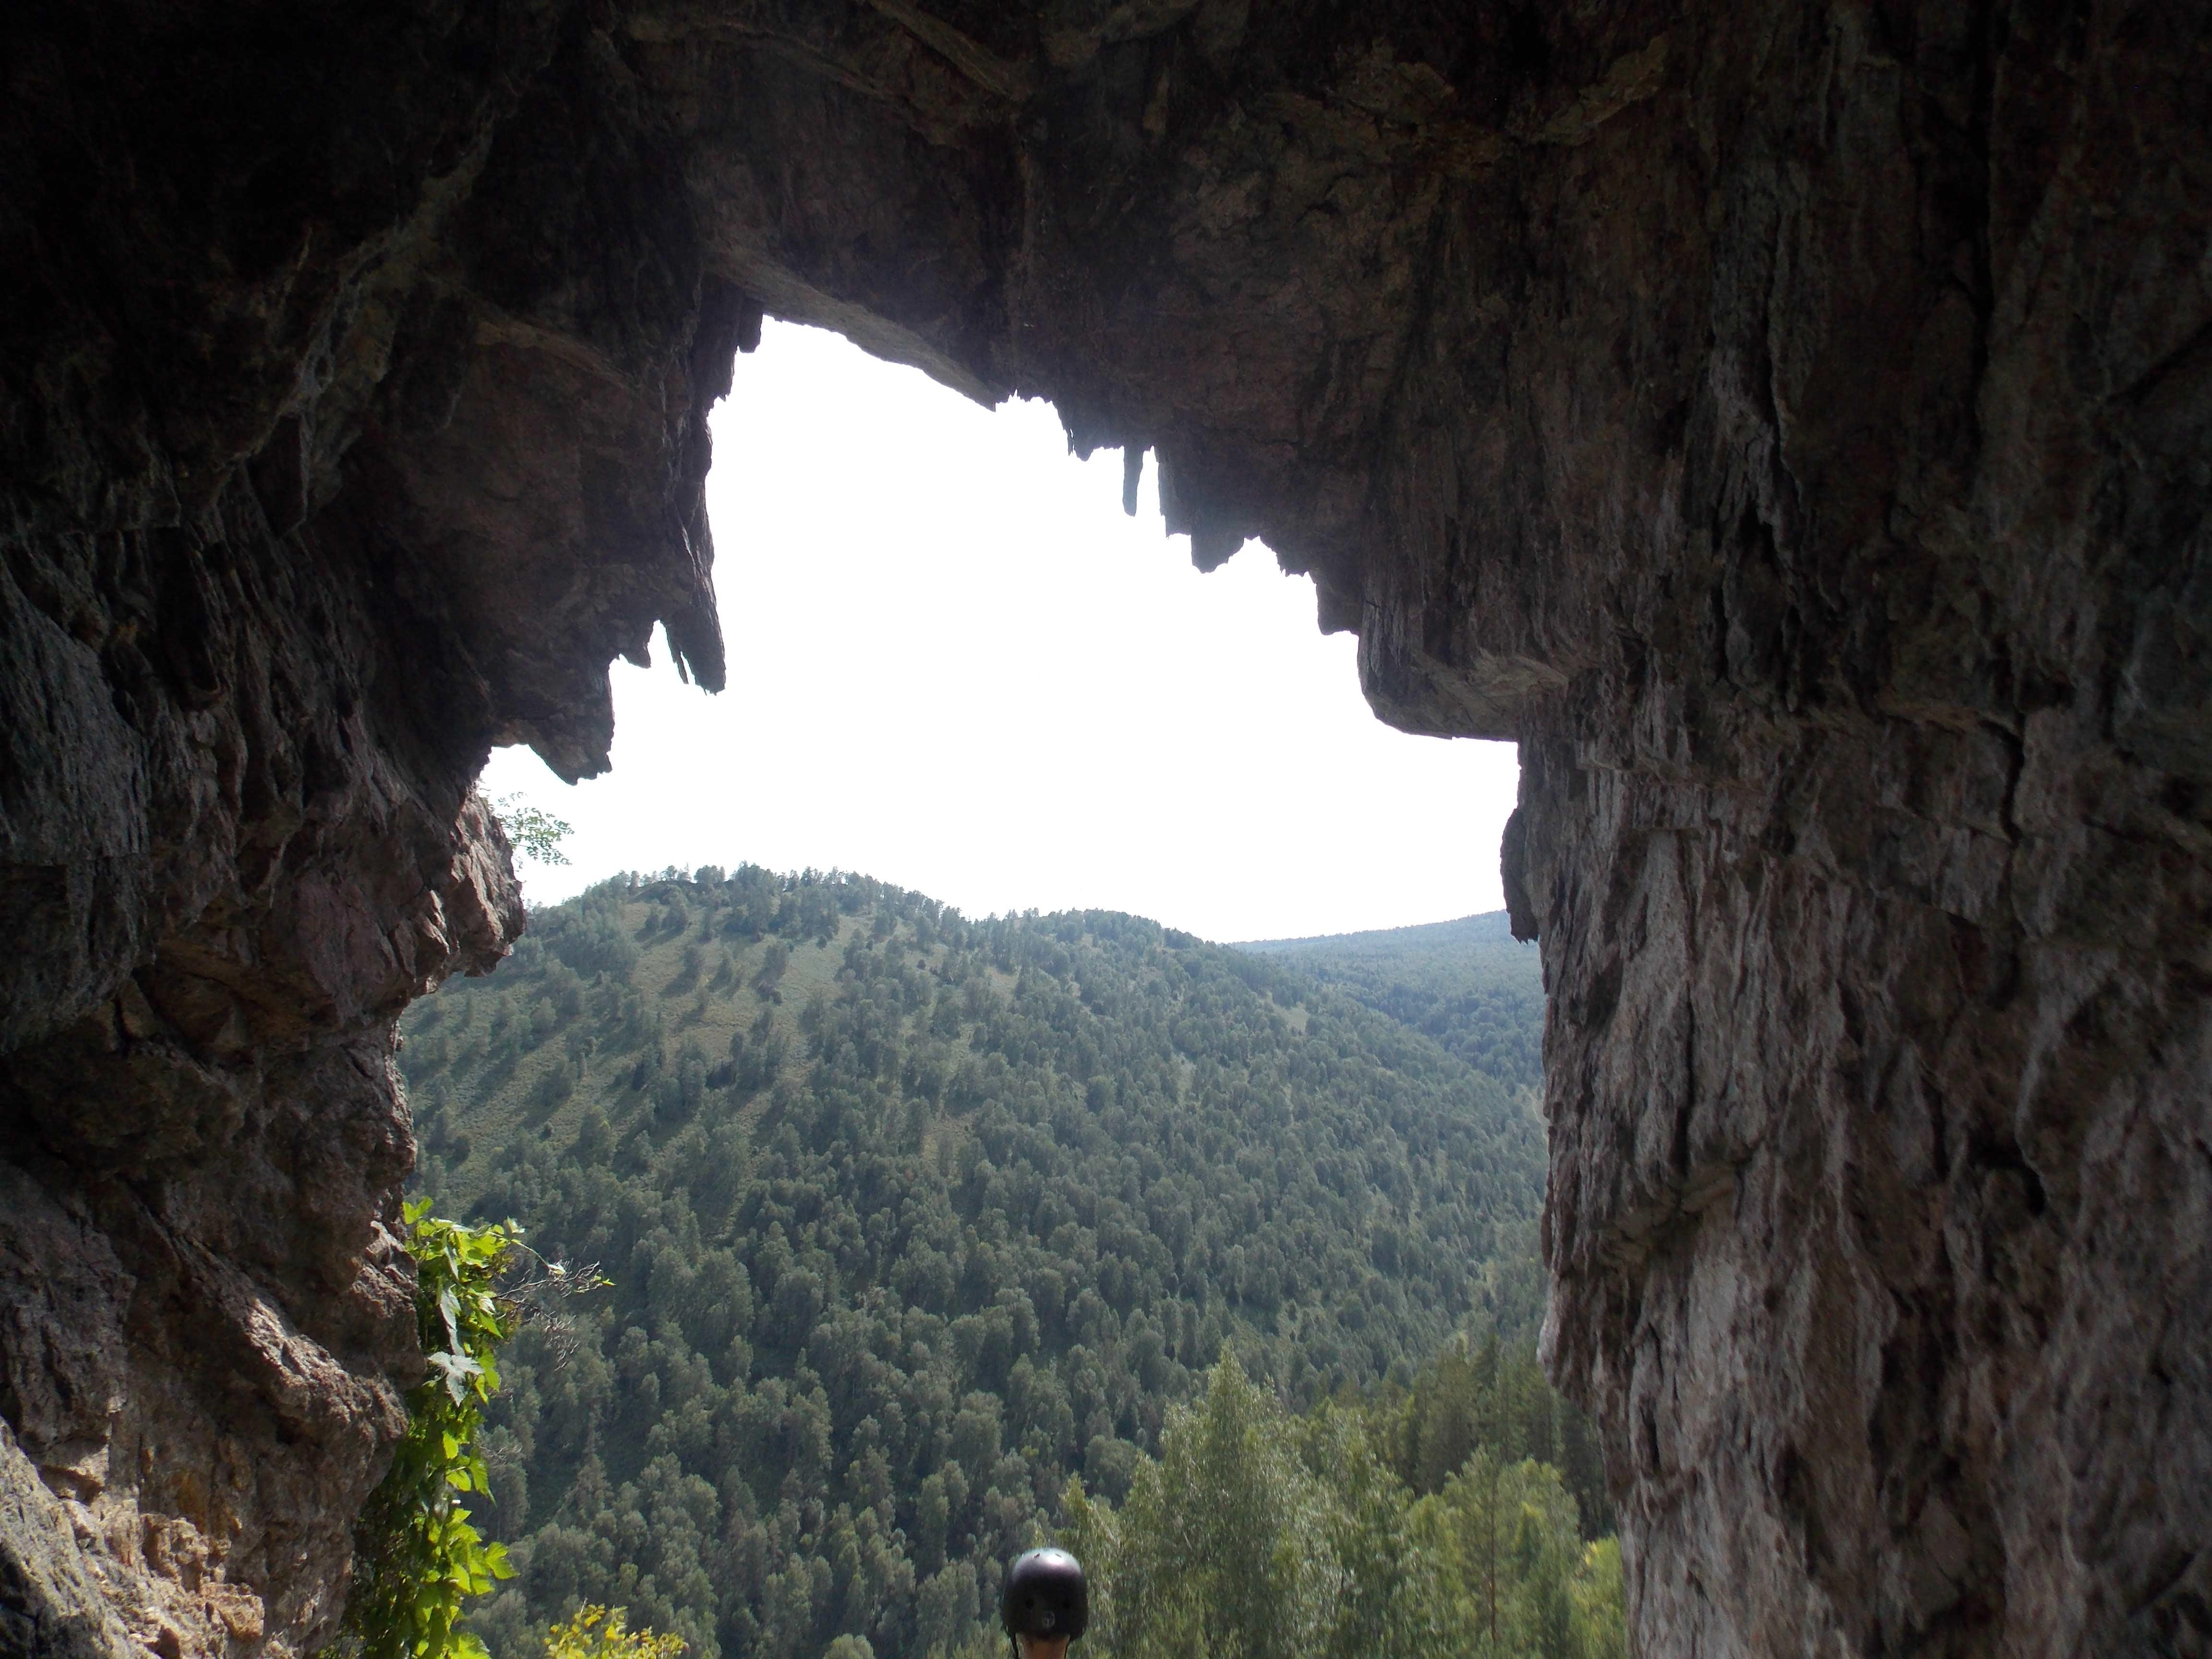 Открытая пещерка между ног девушек 11